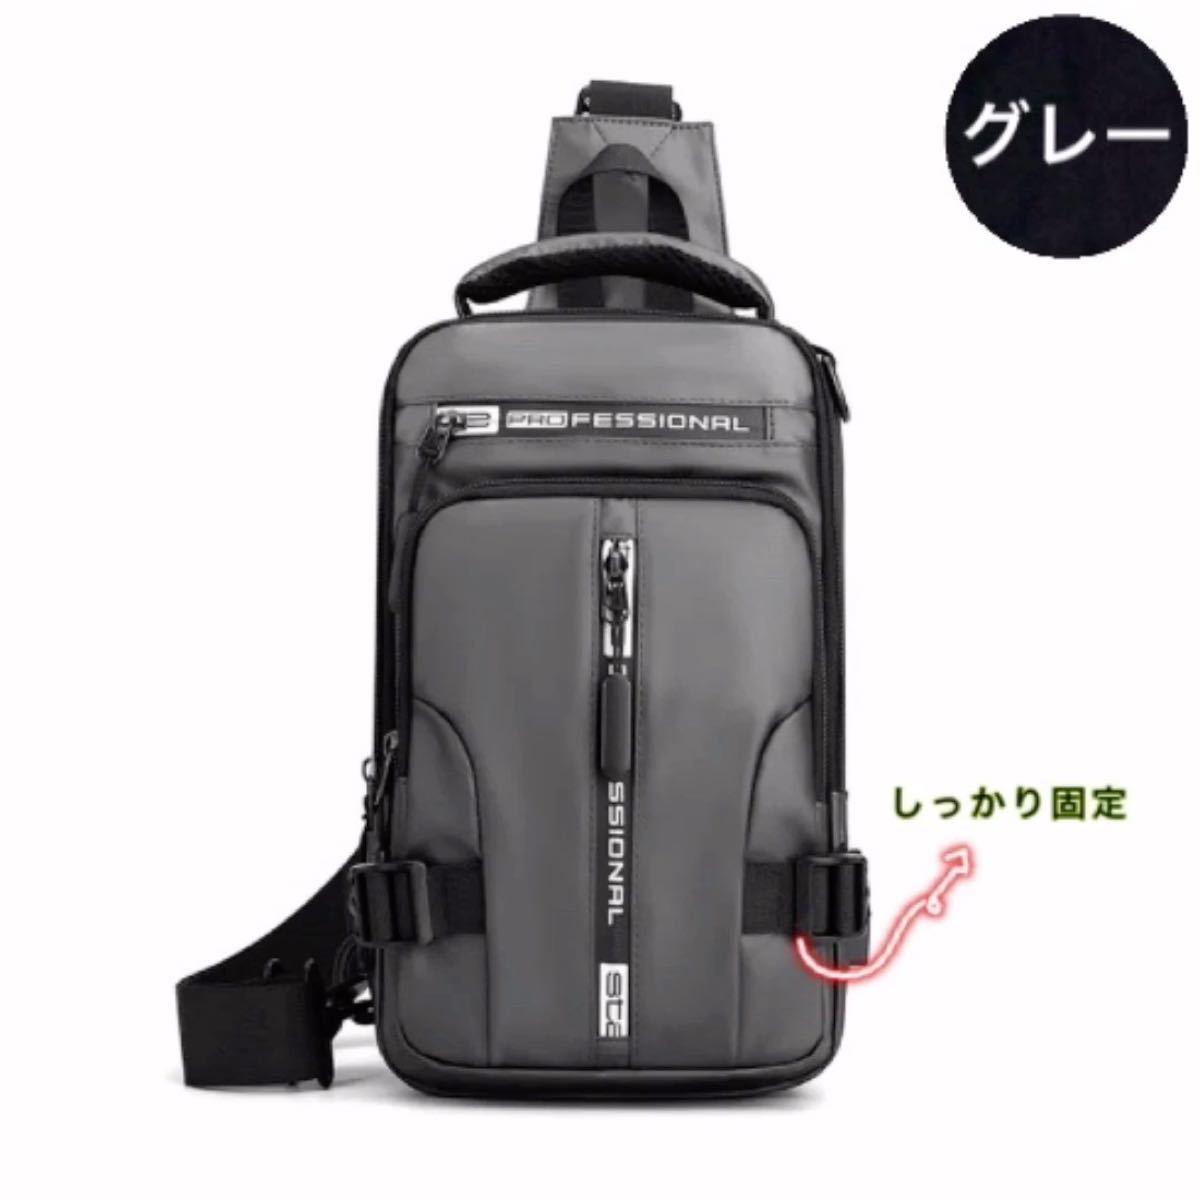 ボディバッグ リュックサック 斜め掛け ハンドバッグ  多機能軽量  大容量 撥水加工 ナイロン 男女兼用 USBポート グレー